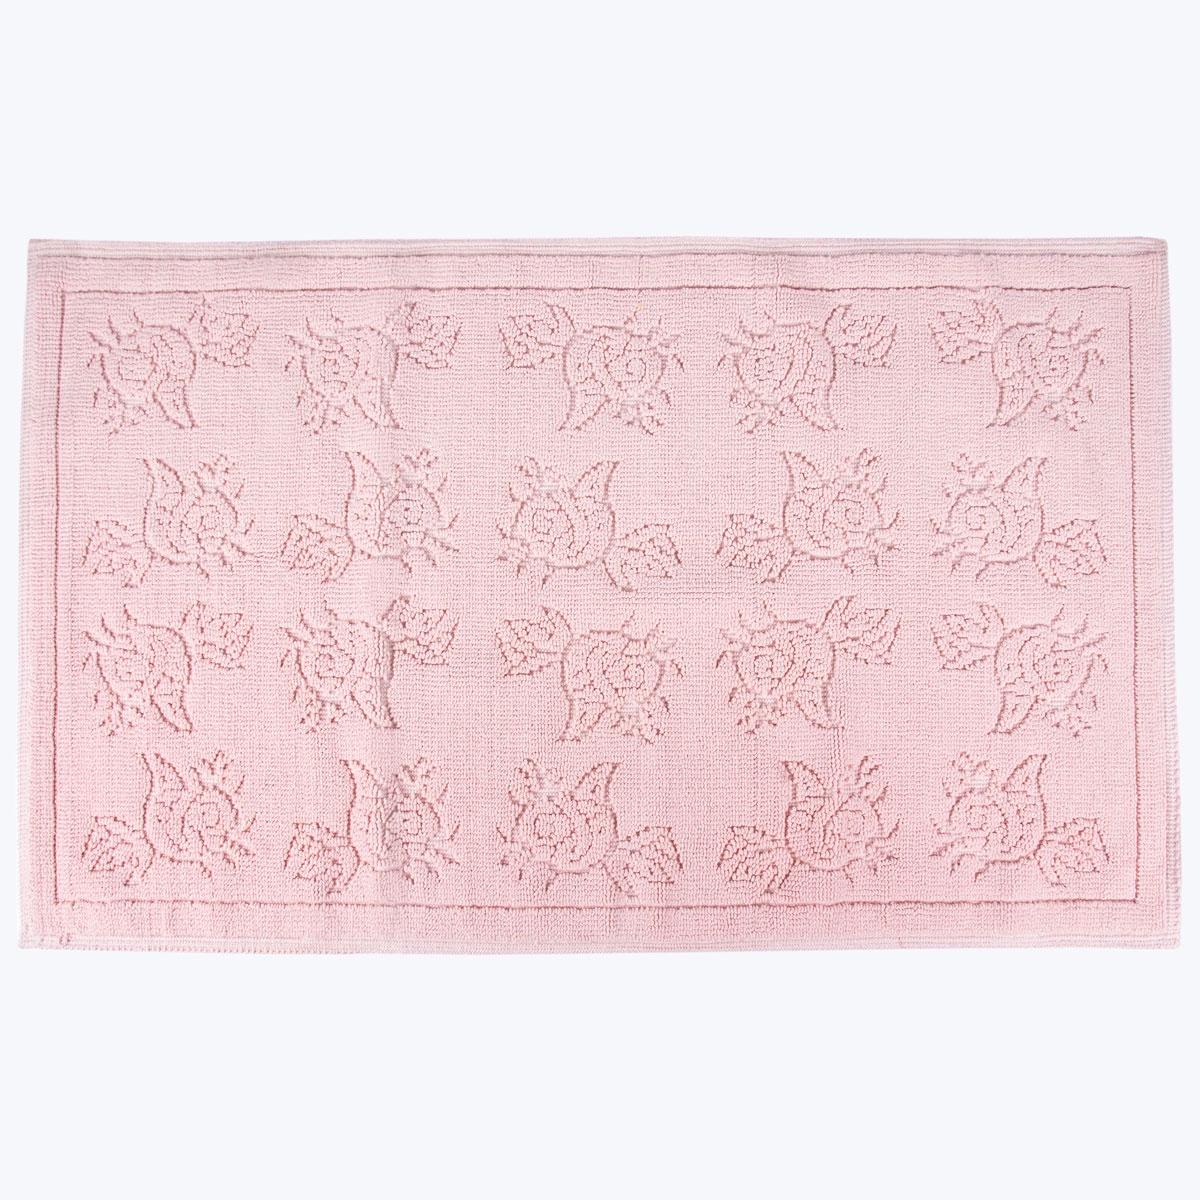 Коврик для ванной Arya home collection Camellia, розовый коврик arya 60х100 2 пр assos бирюзовый 1126860